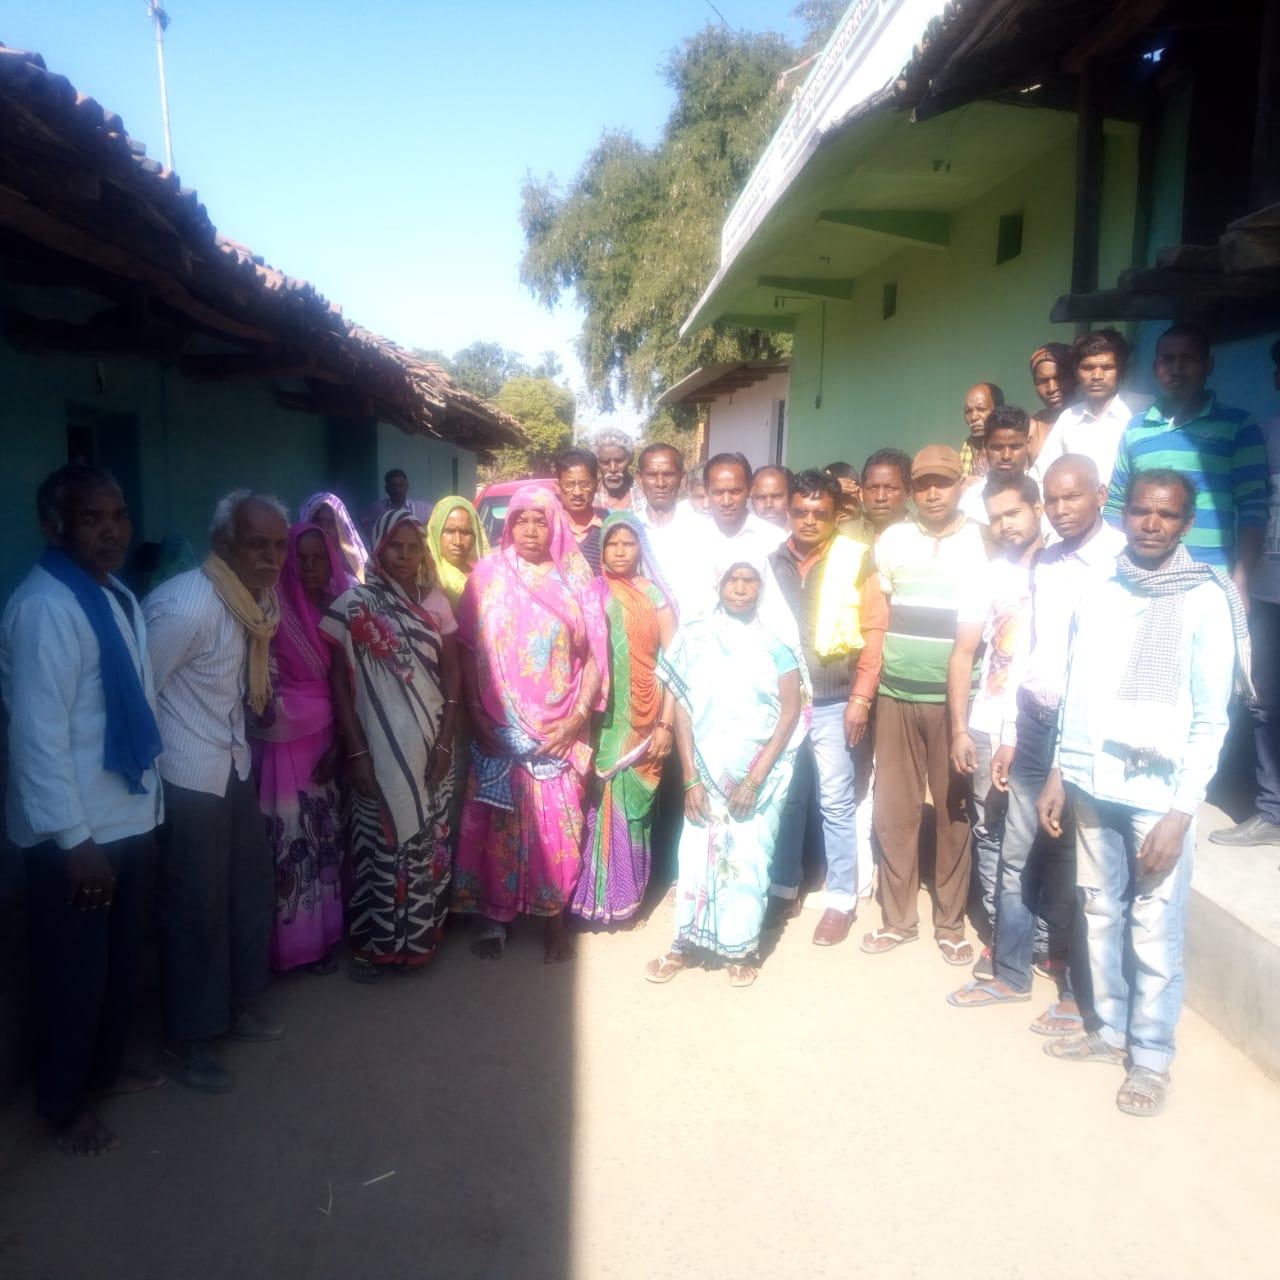 कॉलरी भू-प्रभावित किसानों ने बुलाई बैठक, 25 जनवरी को एसडीएम व कॉलरी के साथ बातचीत करने लिया निर्णय